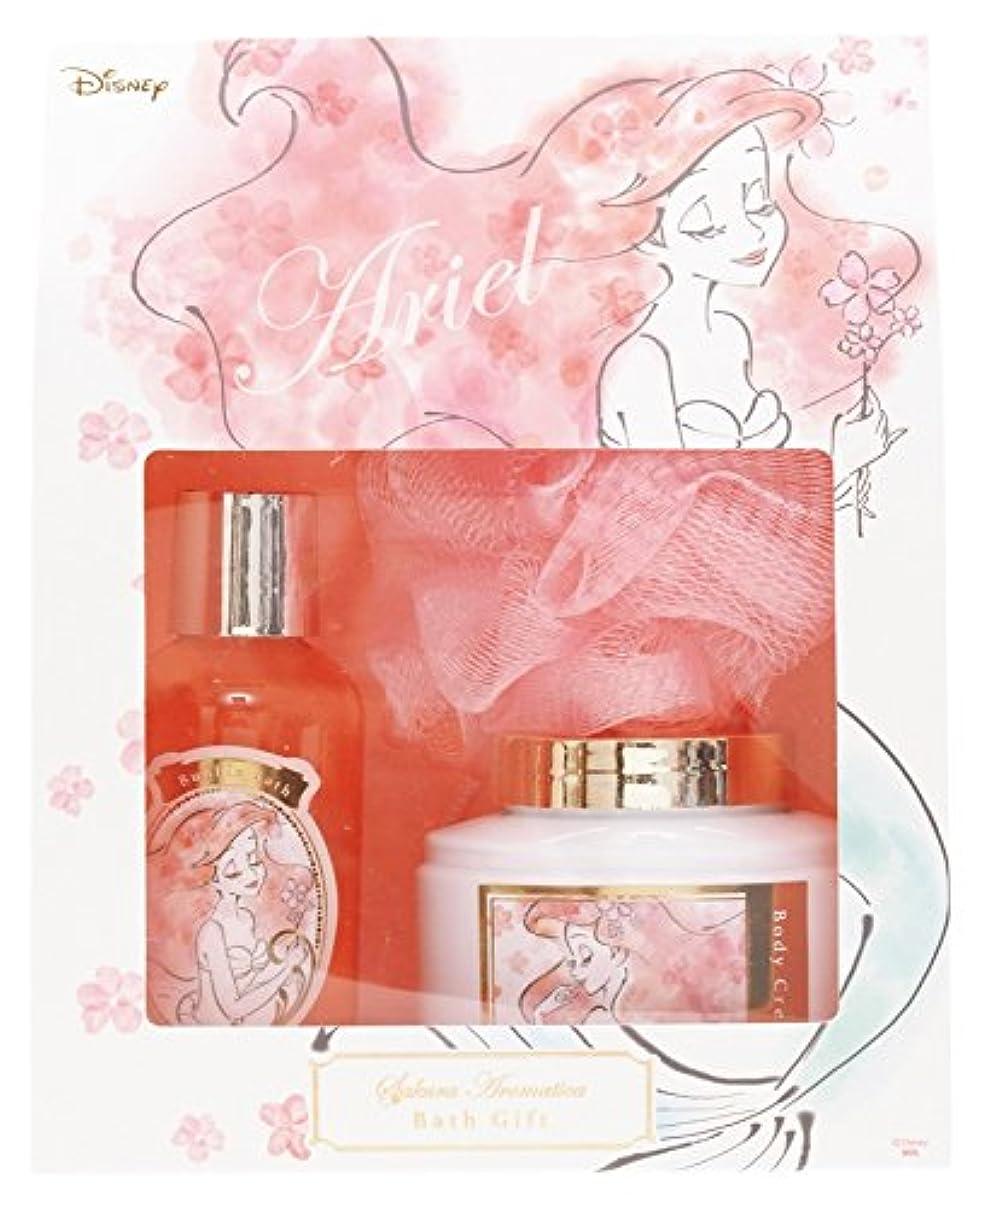 バスト地図楽観ディズニー 入浴剤 ギフトセット アリエル サクラアロマティカ サクラノスタルジア の香り DIT-8-01